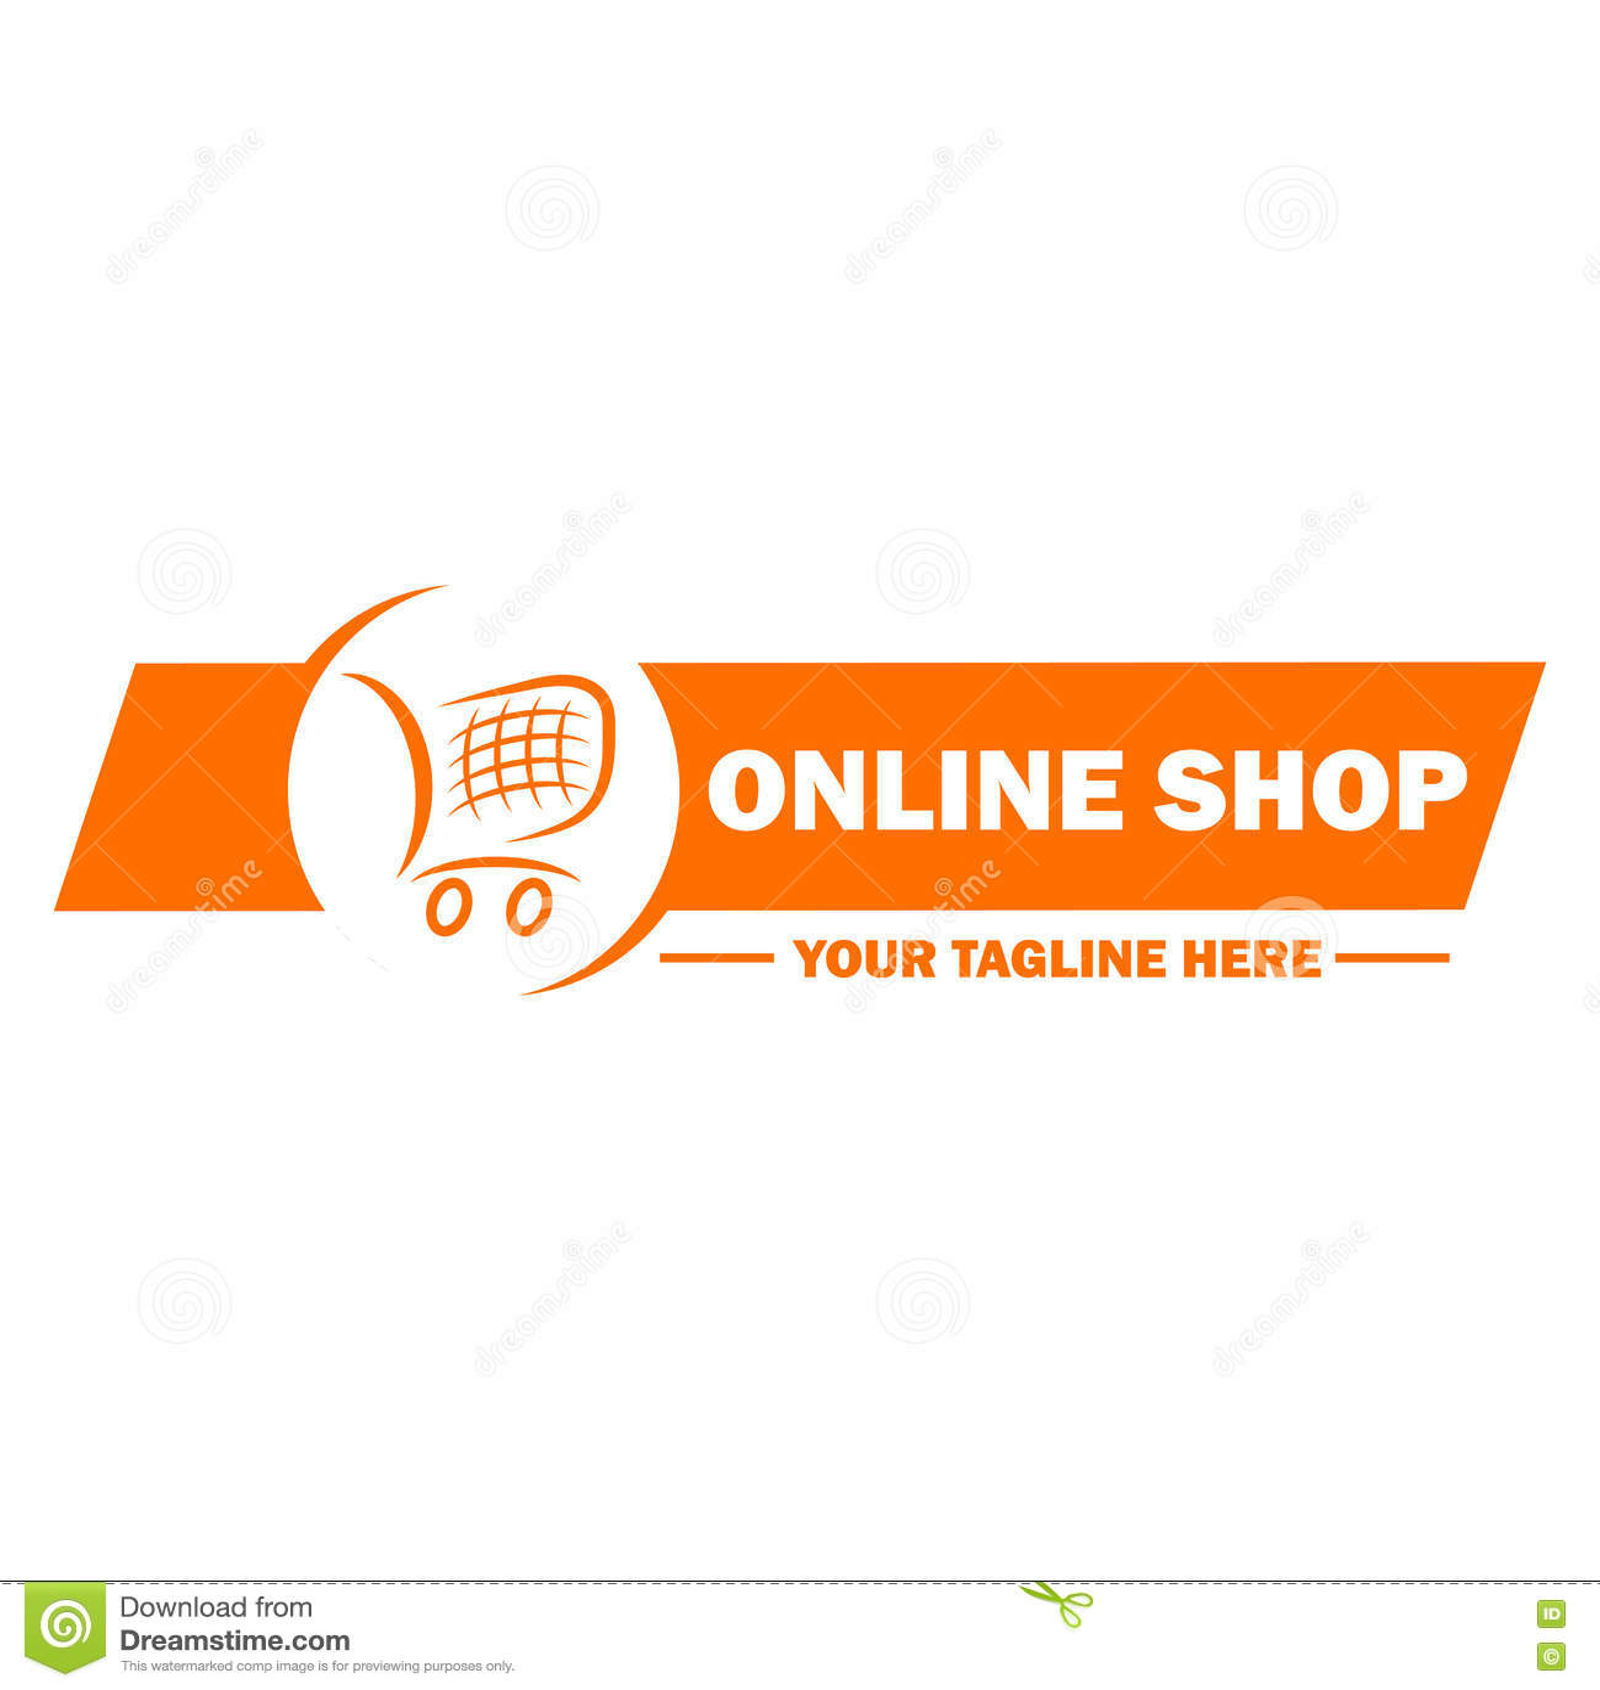 Online Design Shop | Online Shop Logo Template Design Stock Vector Illustration Of